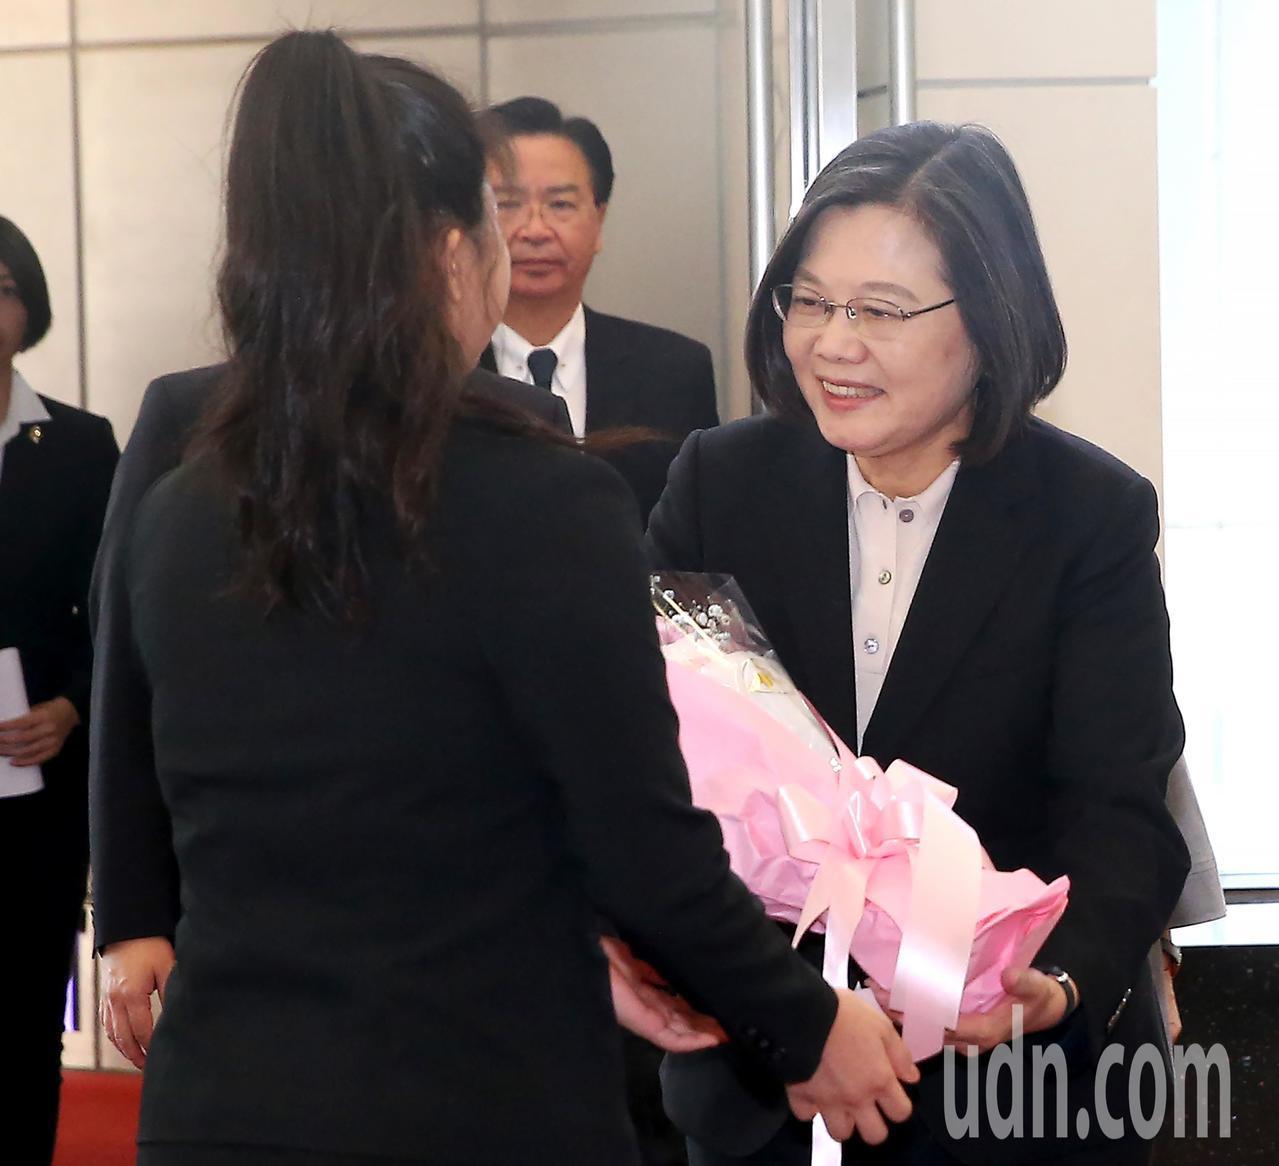 蔡英文總統結束12天出訪行程,返抵桃園機場,下機後接受獻花。 記者陳嘉寧/攝影